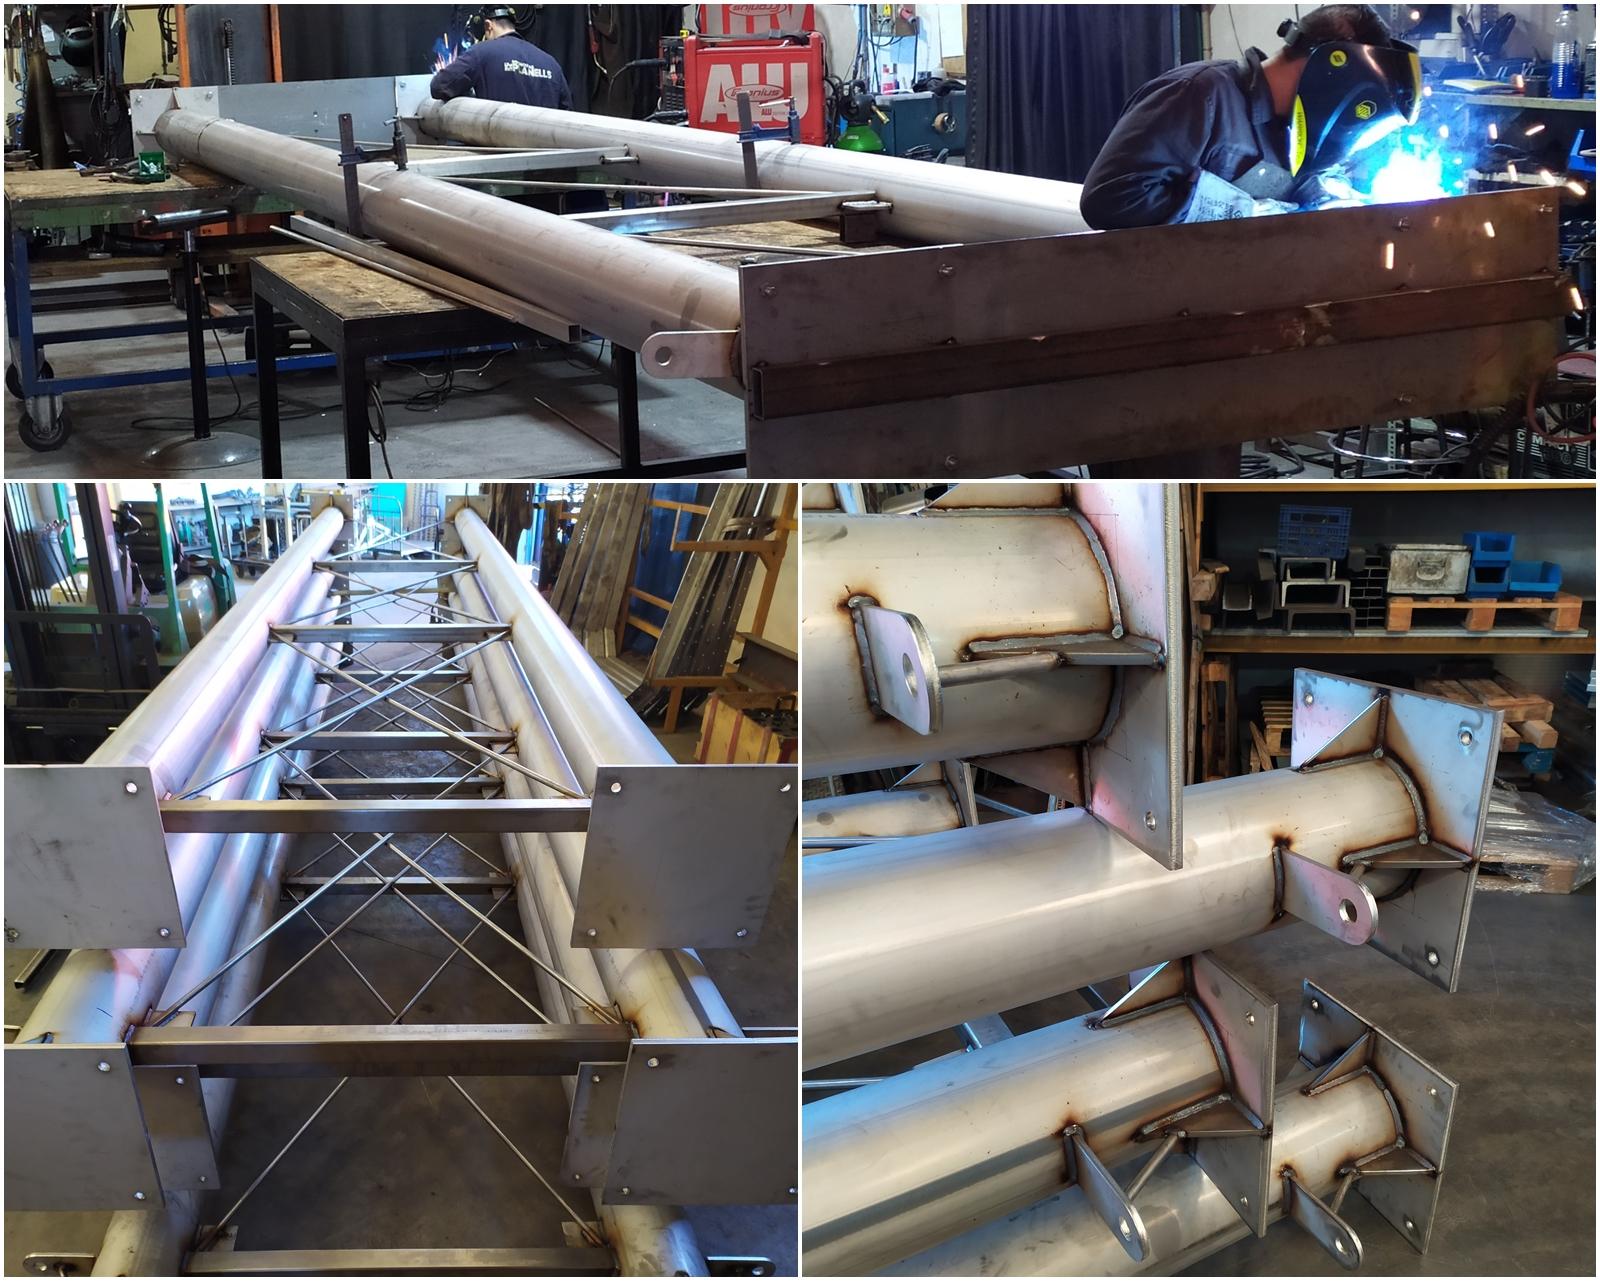 Fabricación de apoyos de 7 metros en acero inoxidable para plataforma elevada a instalar en planta industrial